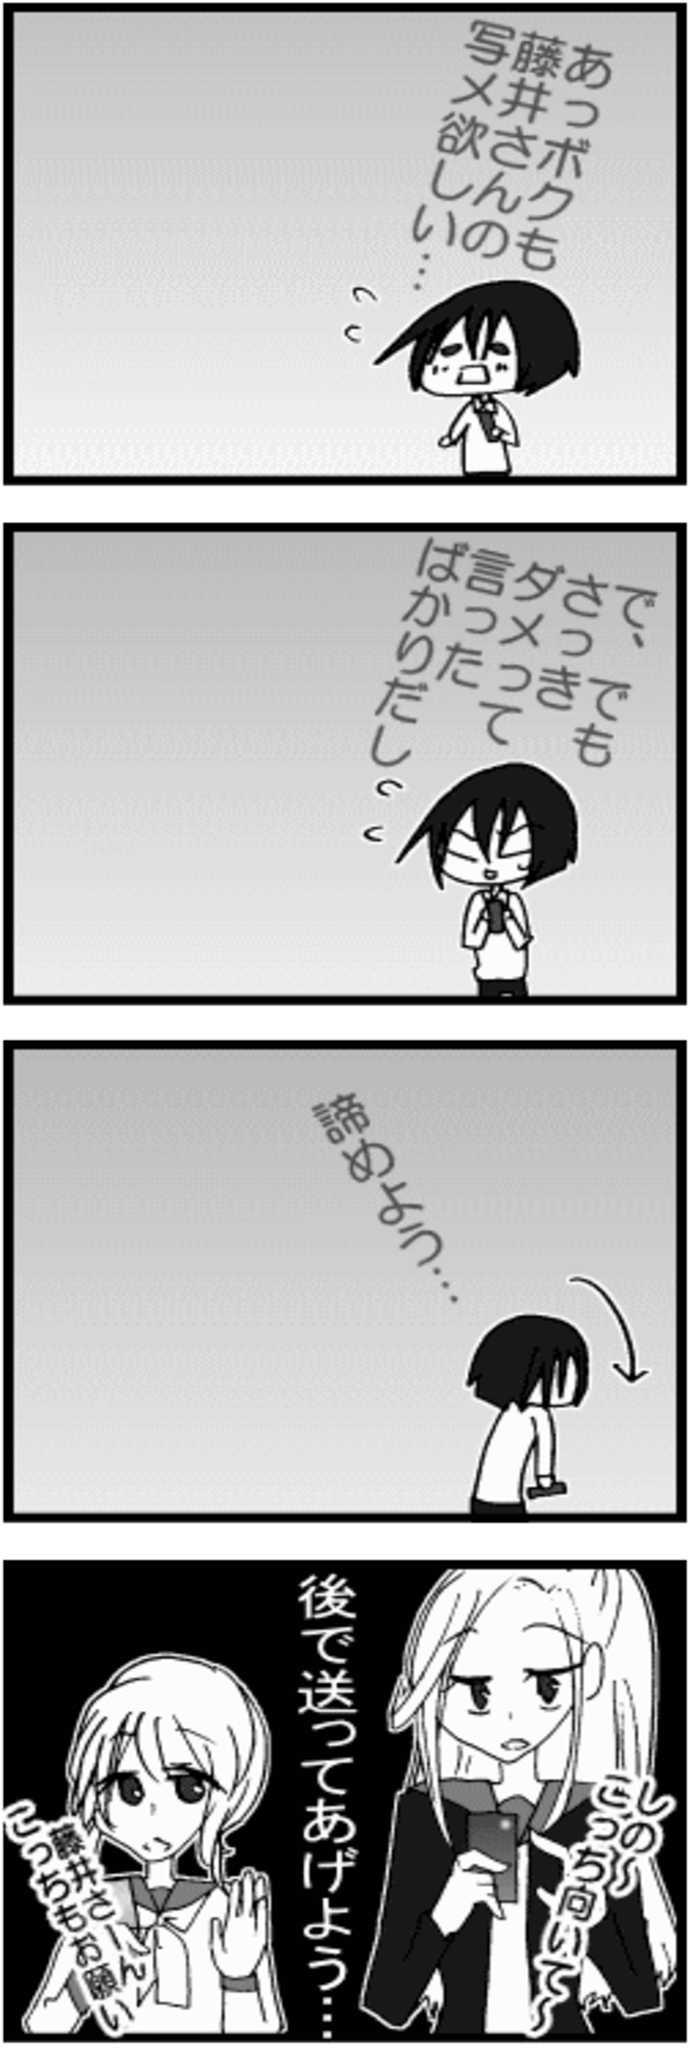 オマケ漫画「写メ」